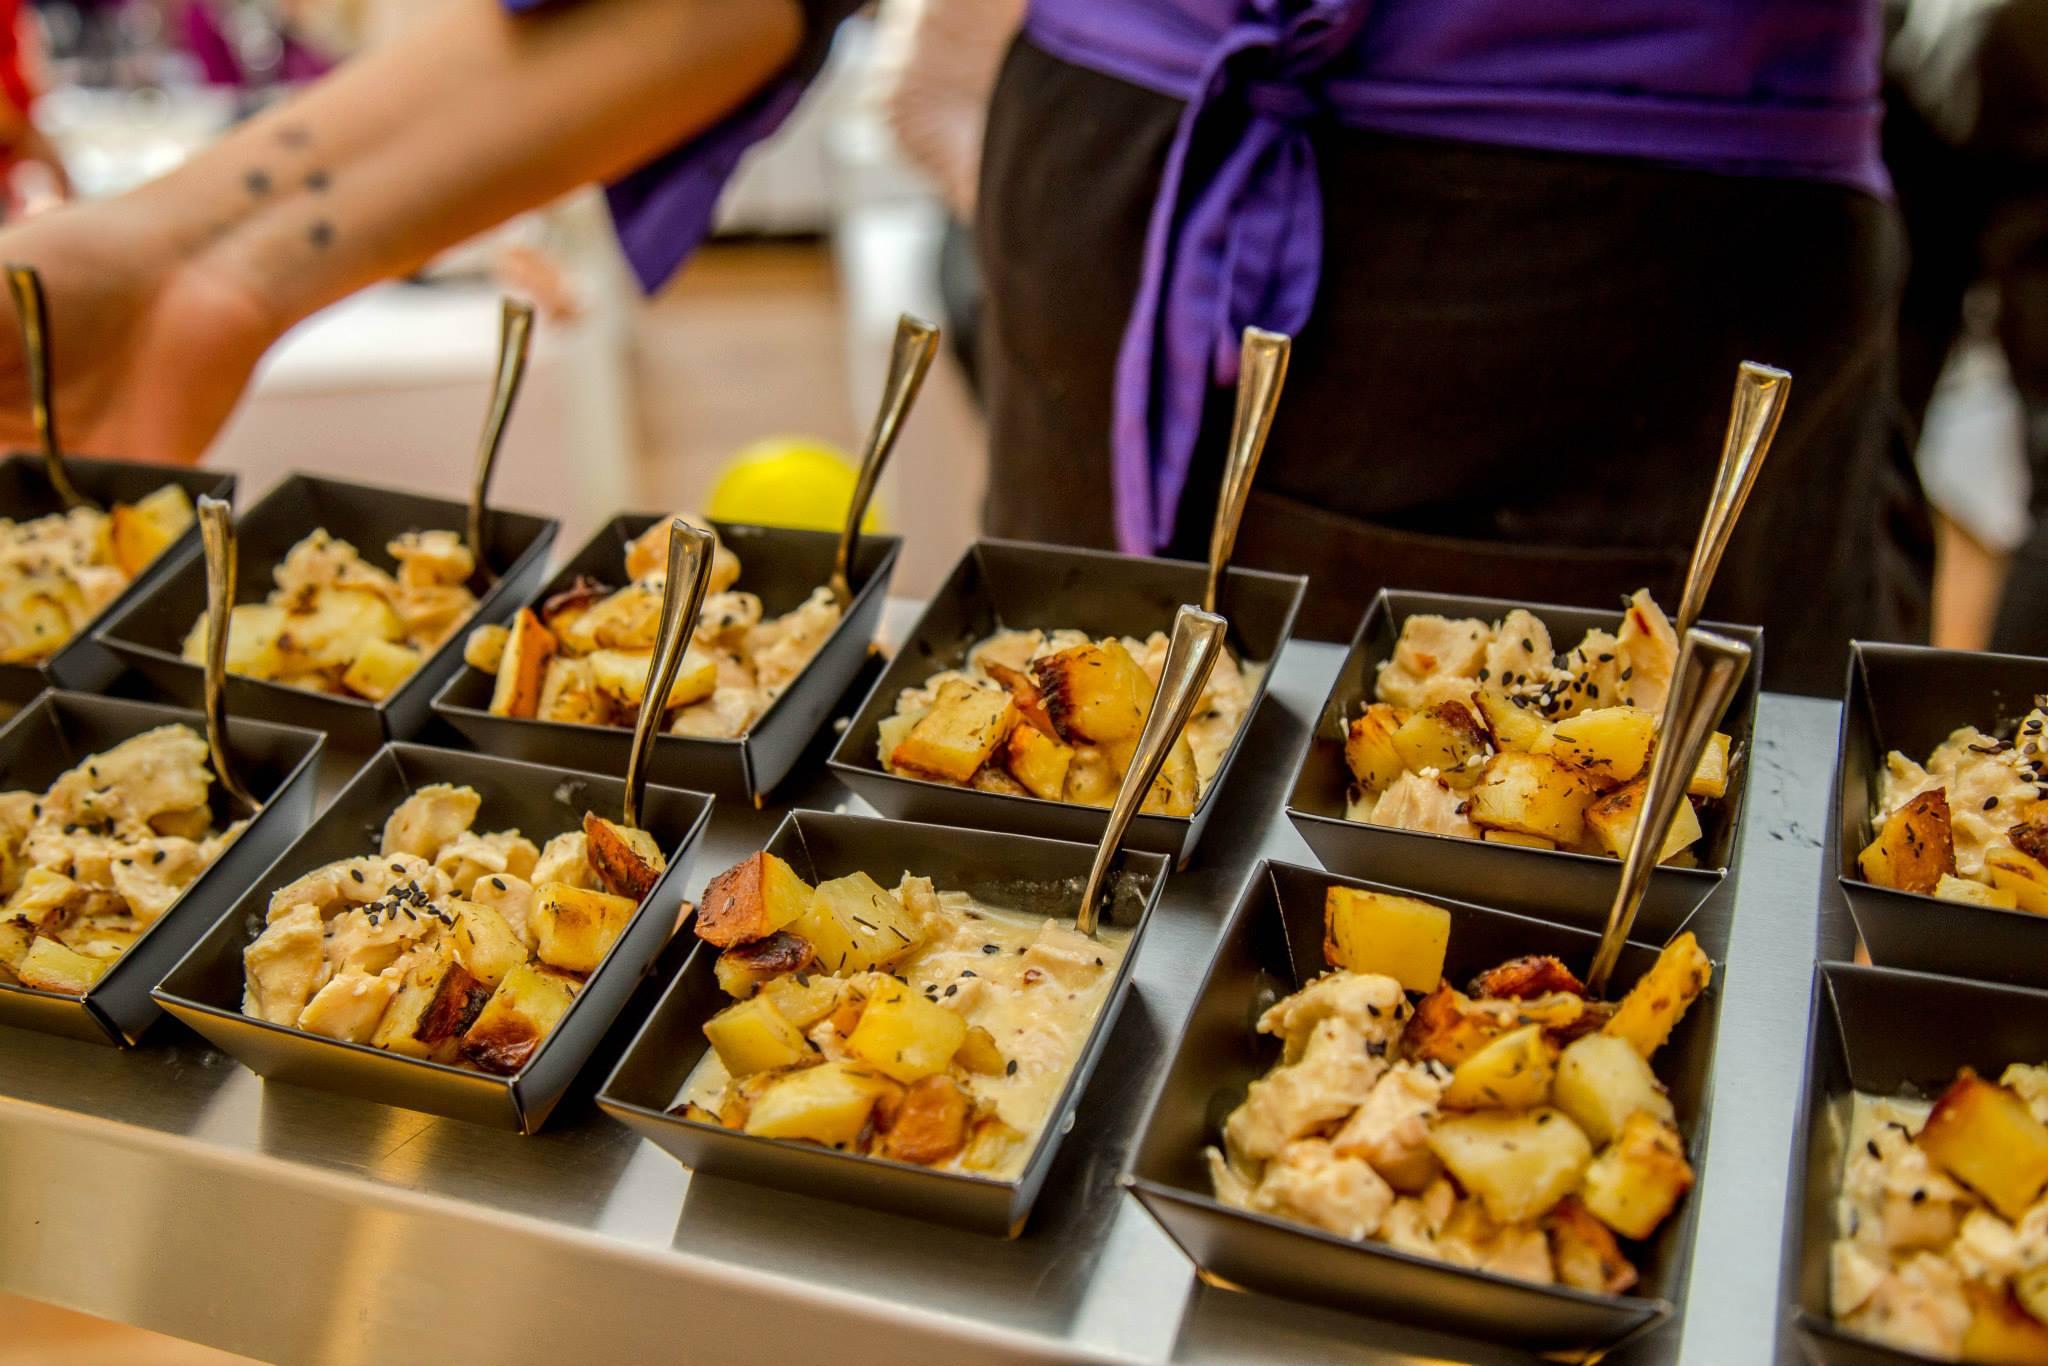 Bandeja cazuelas acero inoxidable ajidise o - Accesorios para catering ...